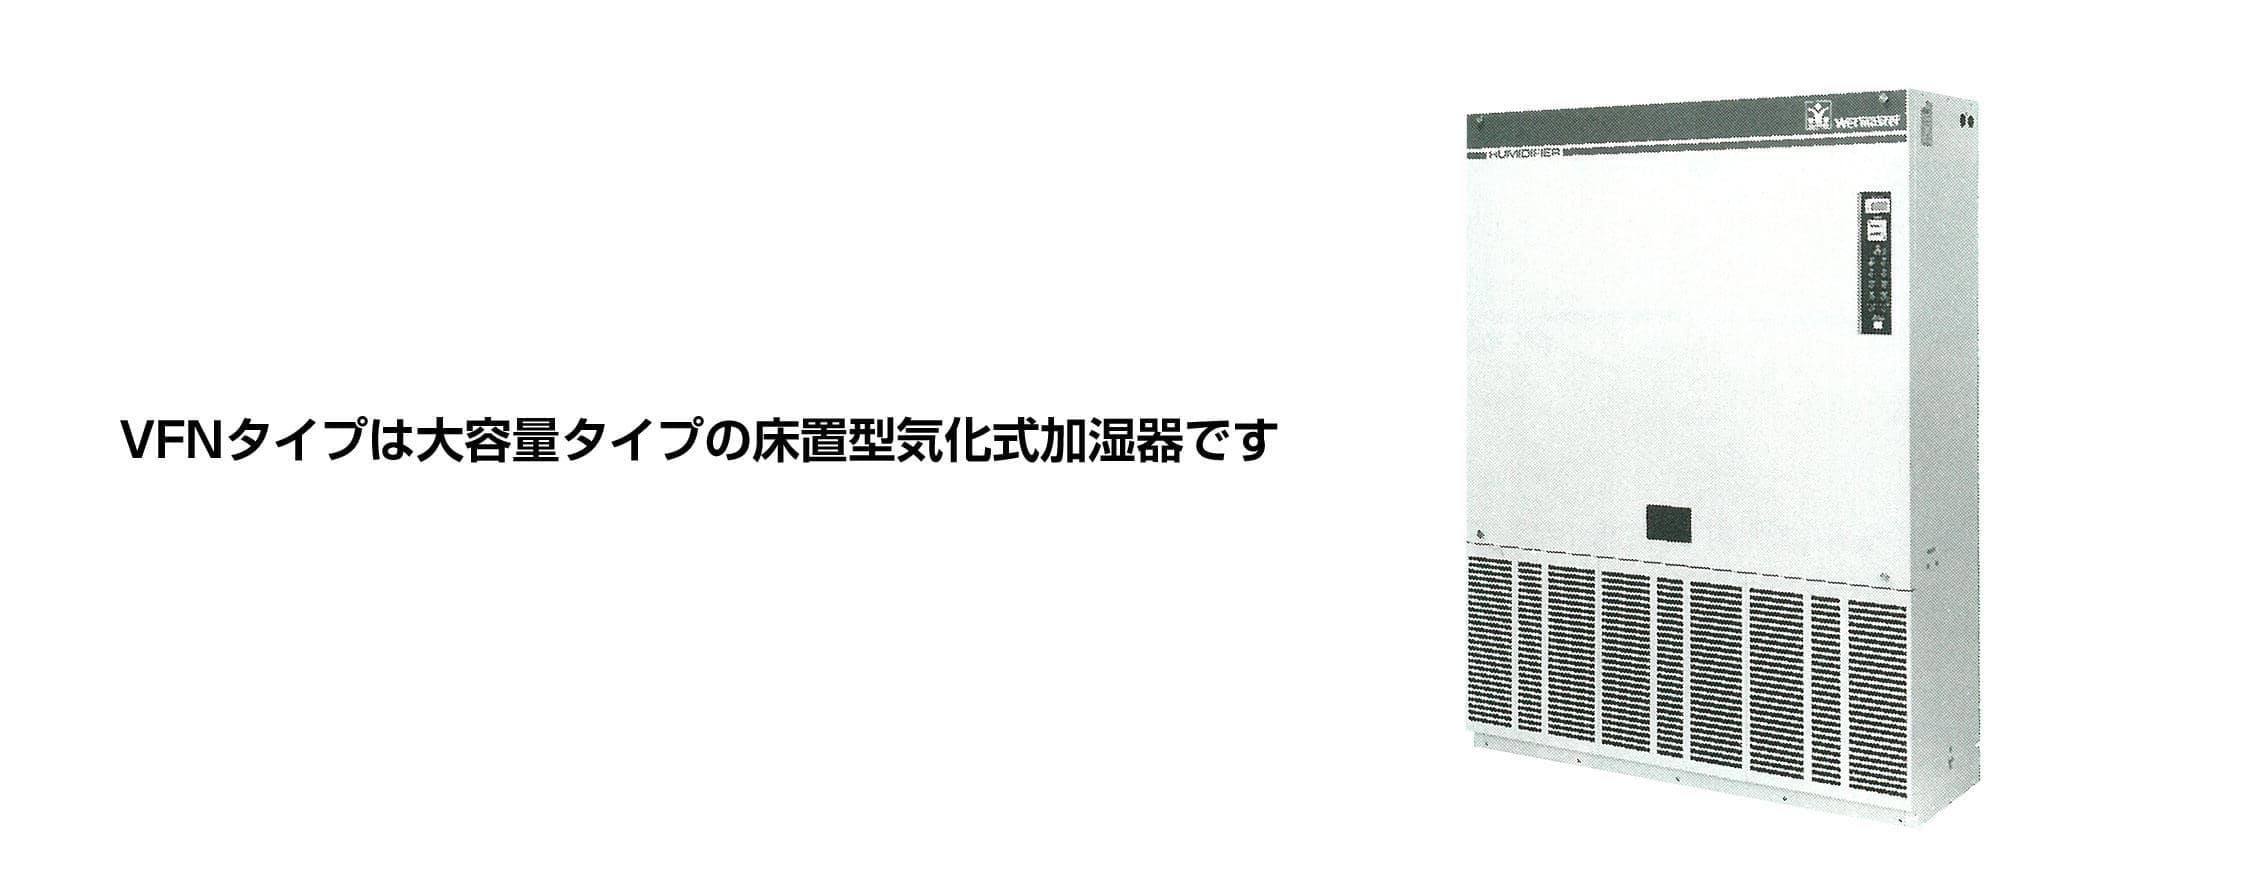 滴下浸透気化式加湿器 / 回転気化式加湿器VFN